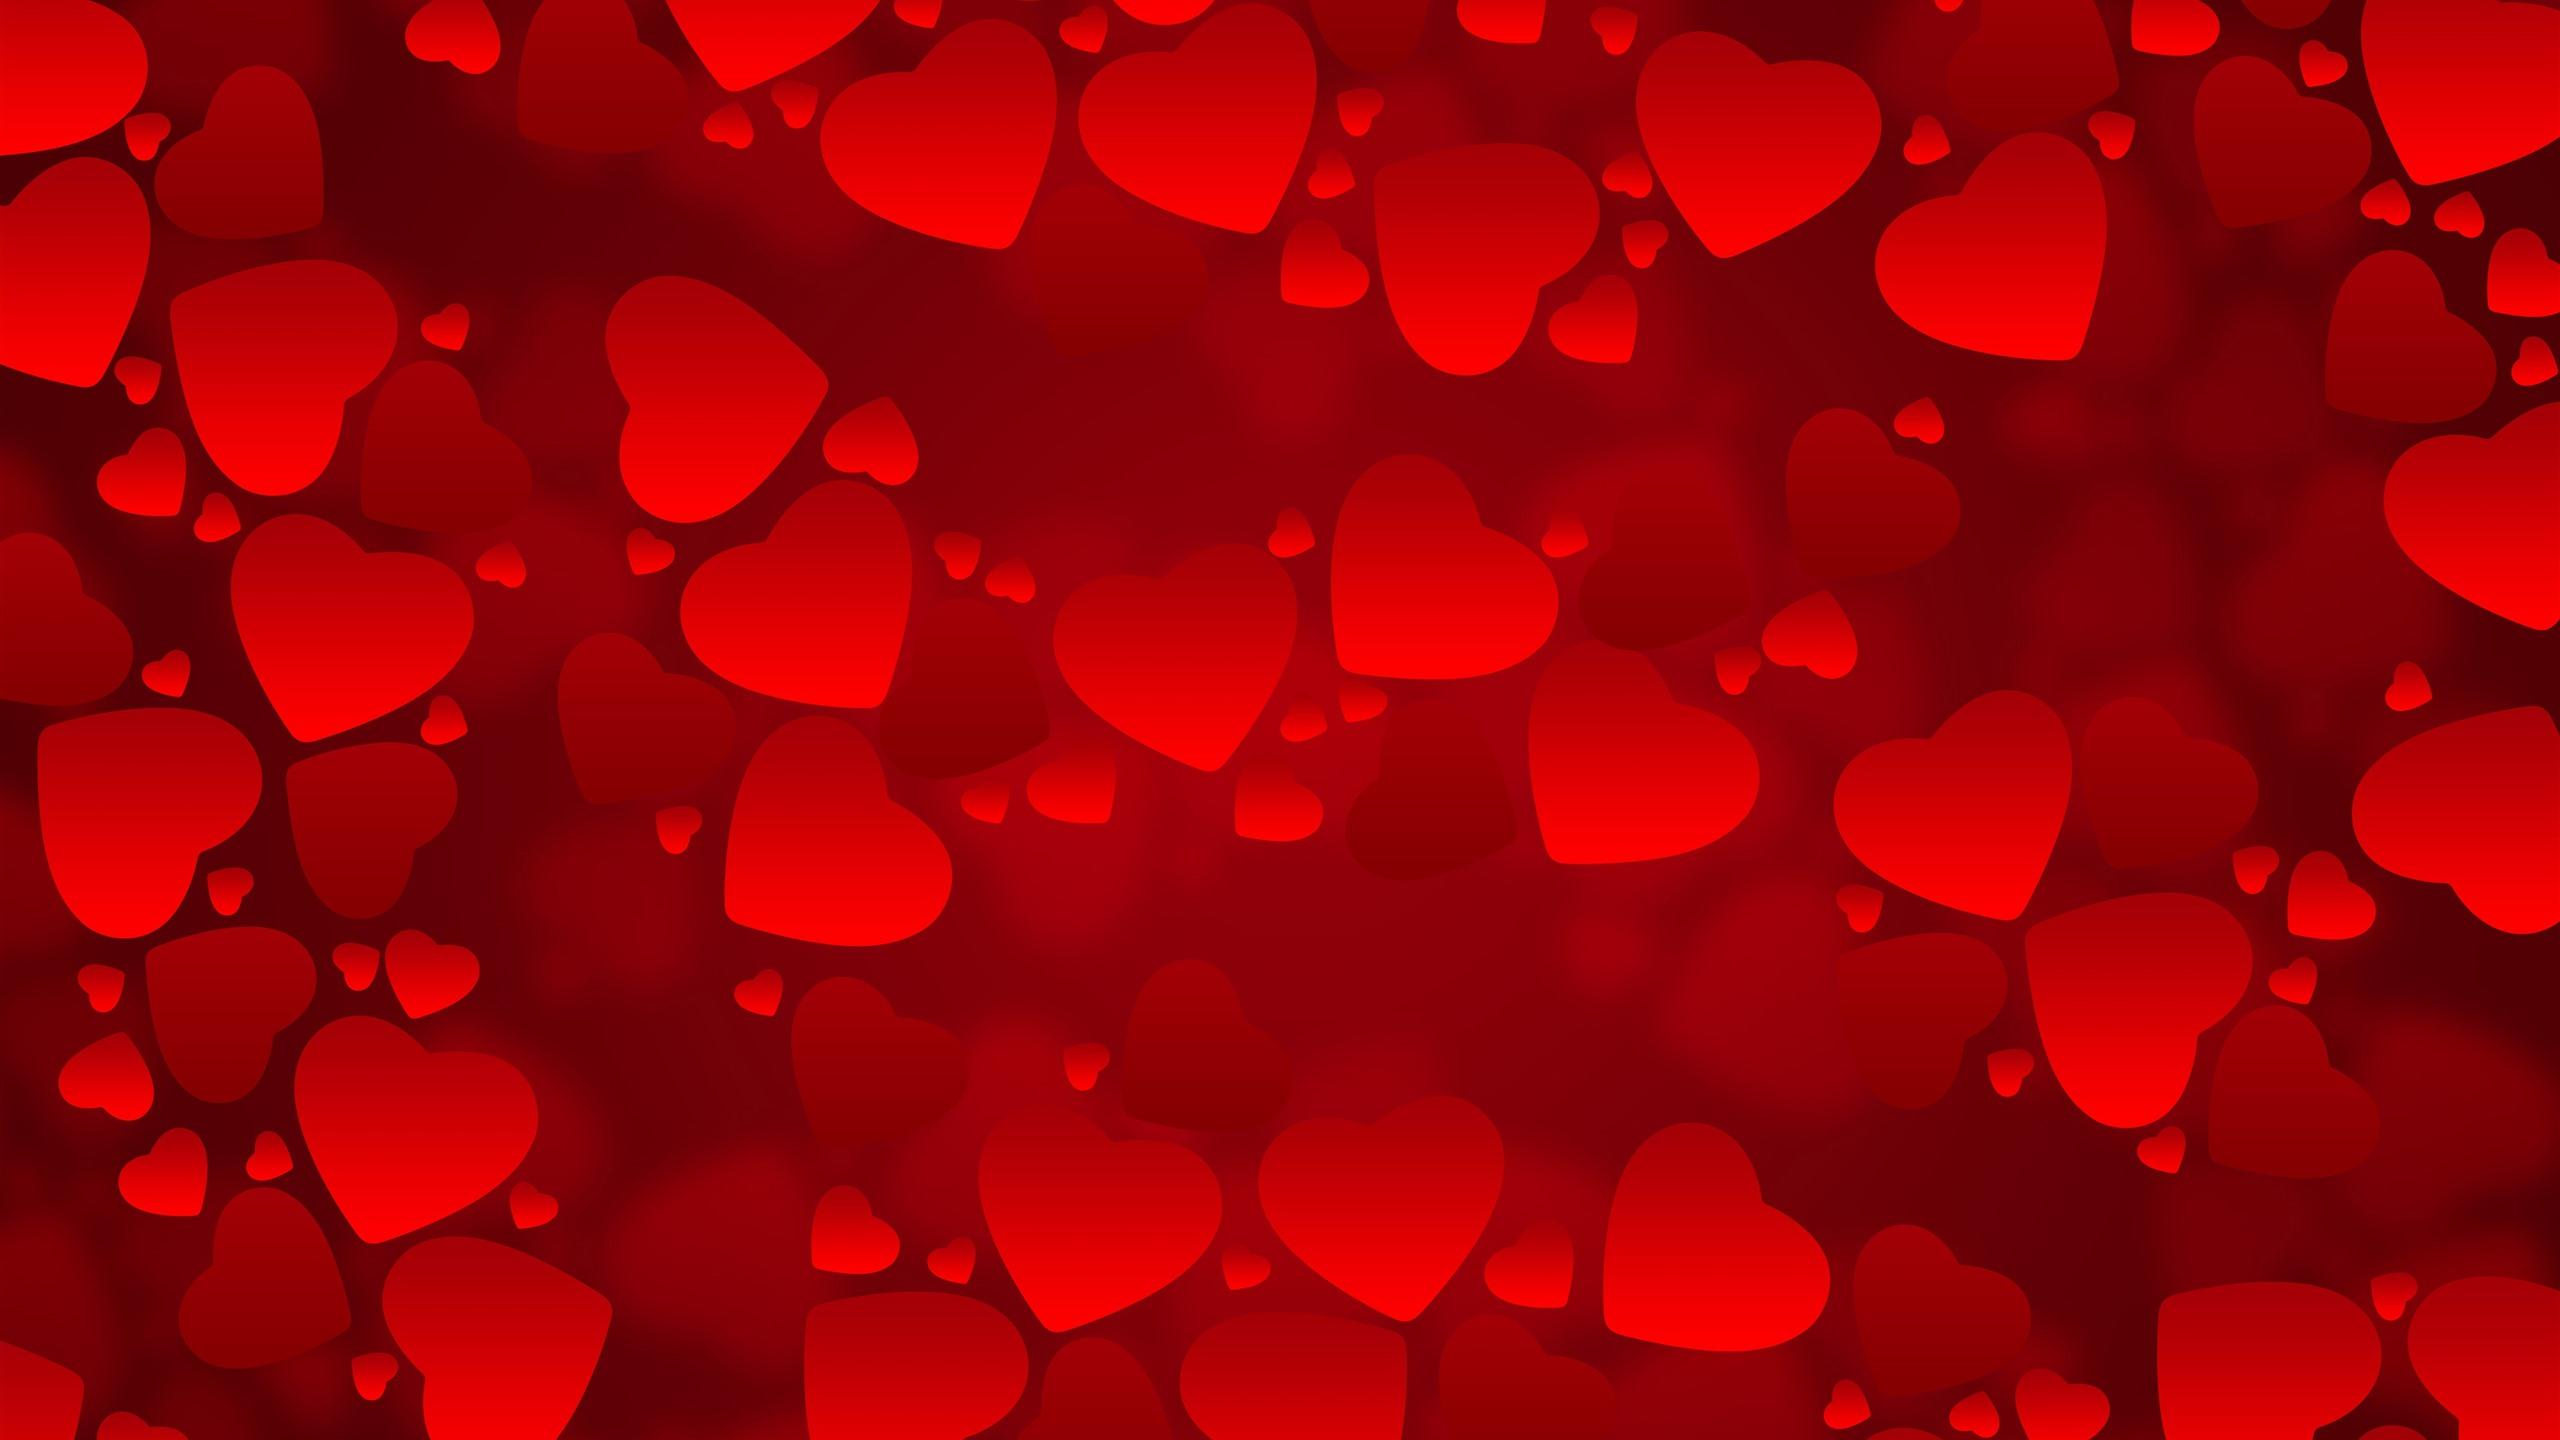 Fonds Décran Beaucoup De Coeurs Rouges Damour Fond